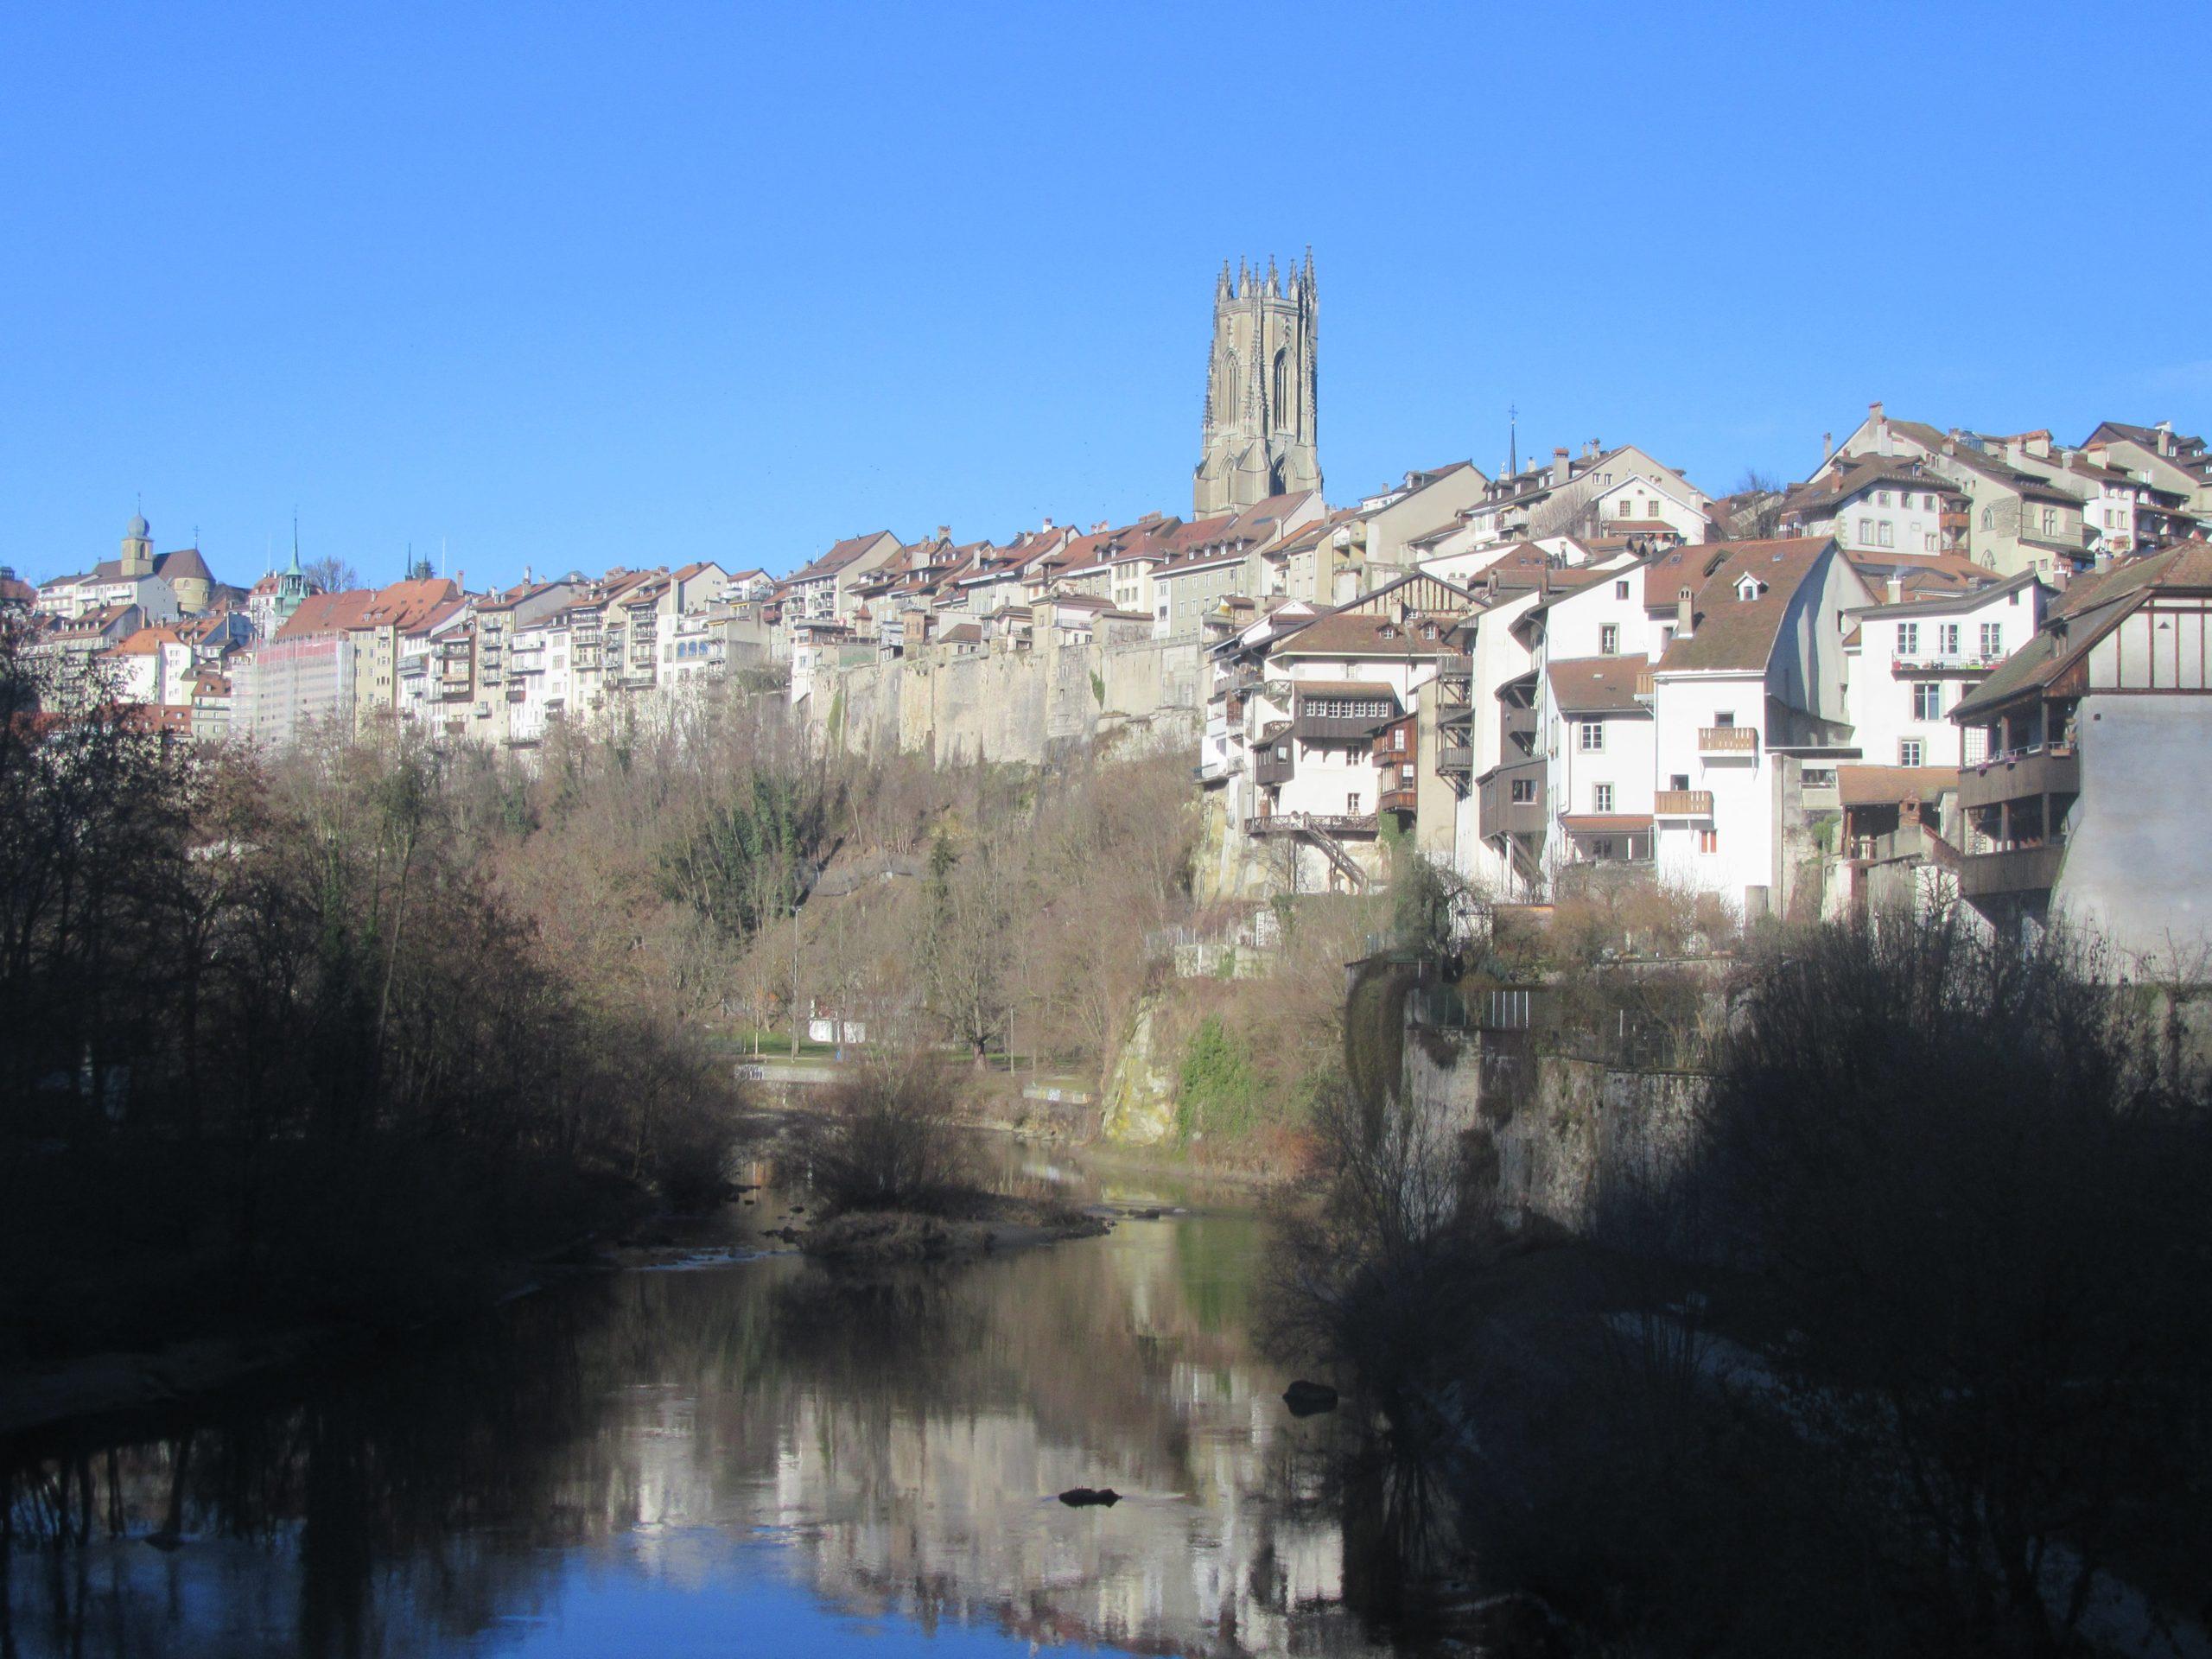 Fribourg vue depuis le pont du milieu